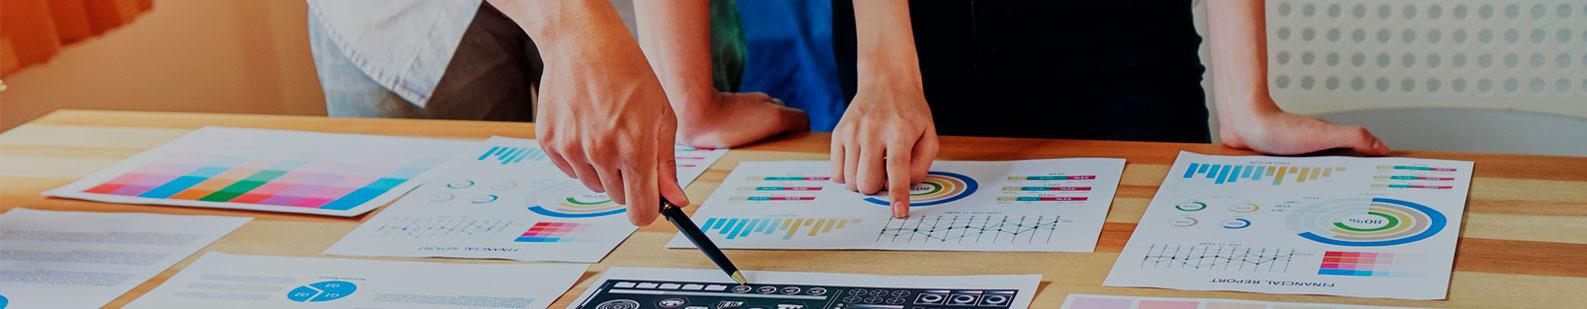 http://www.serpro.gov.br/menu/quem-somos/marca-serpro/composicao-da-marca-serpro